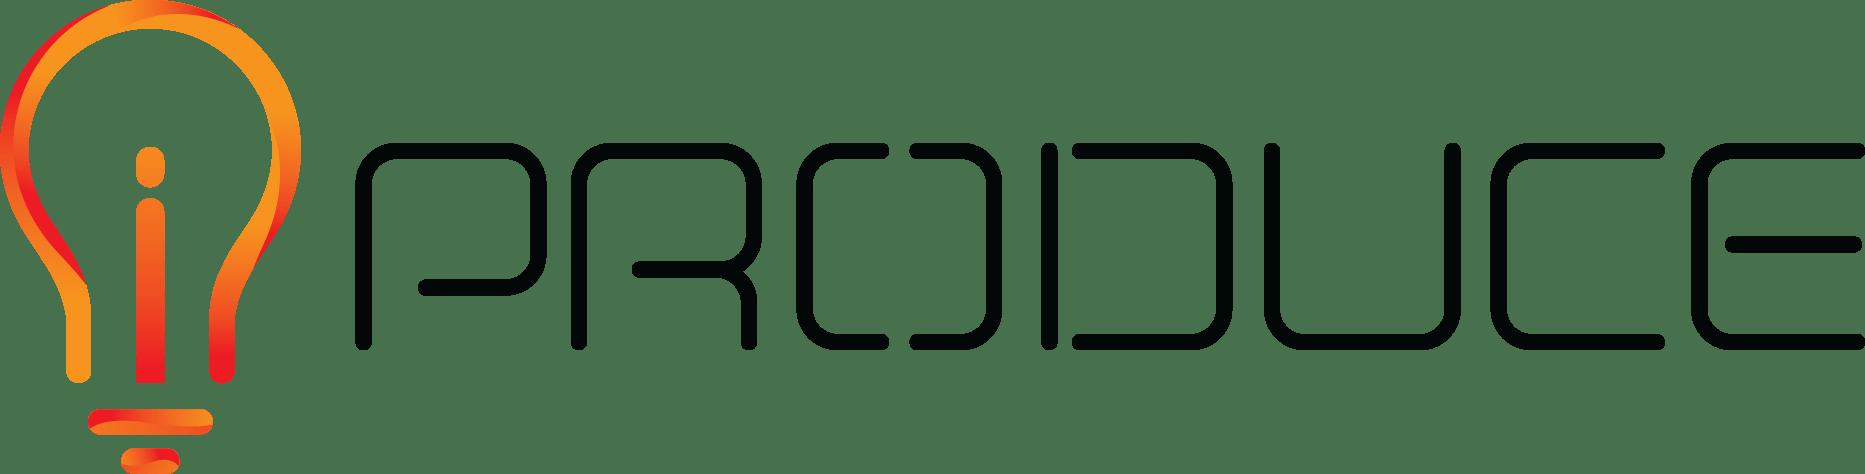 iProduce Black Logo